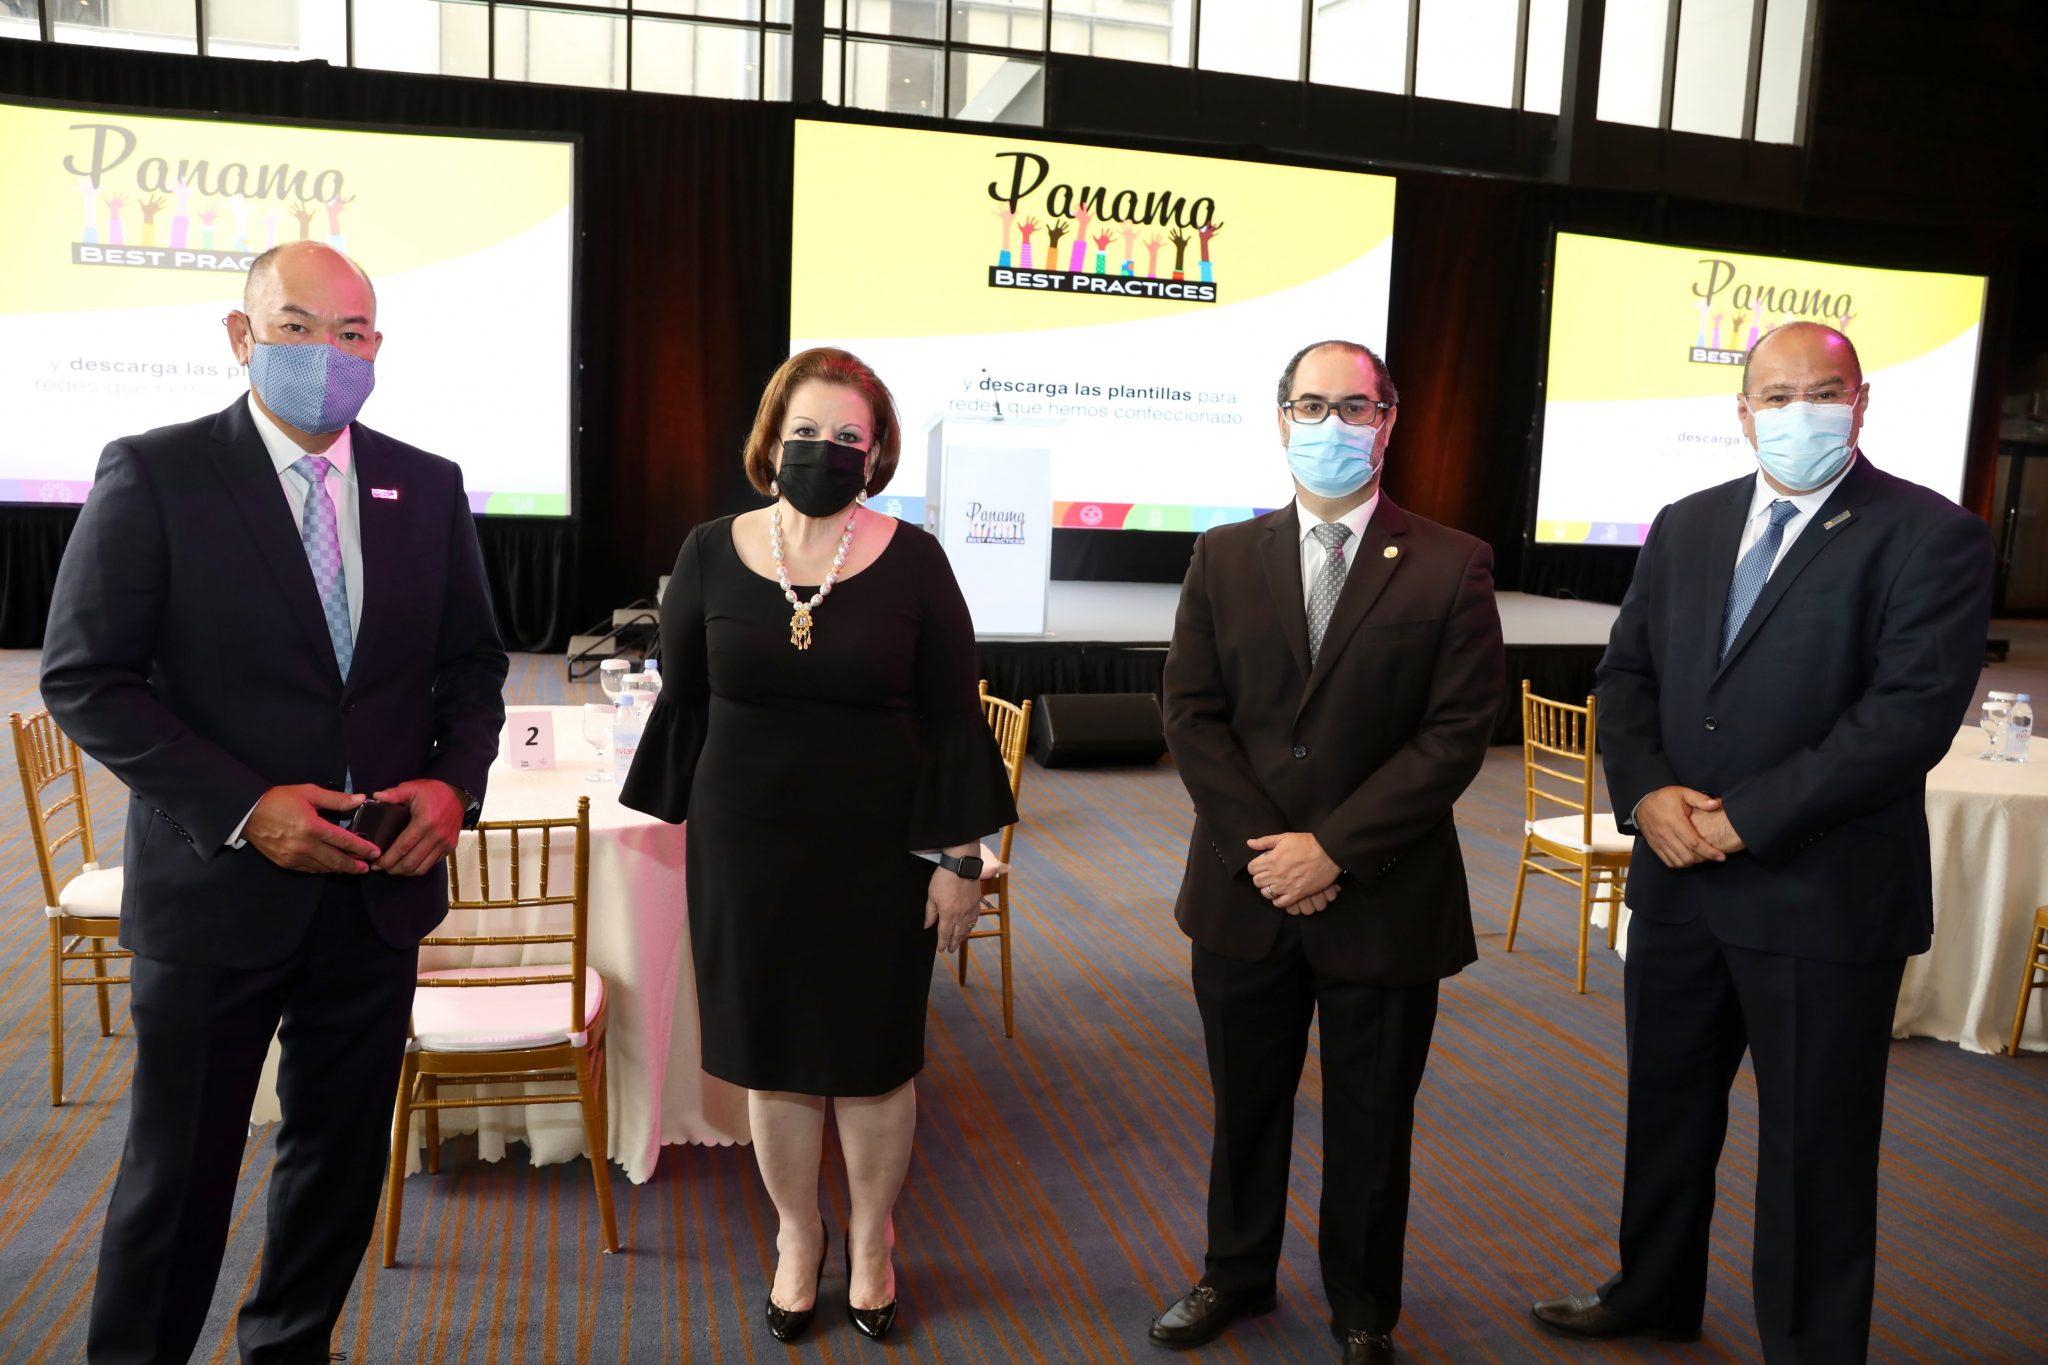 EMPRESARIALES EVENTOS  | Lanzan 'Panama Best Practices'